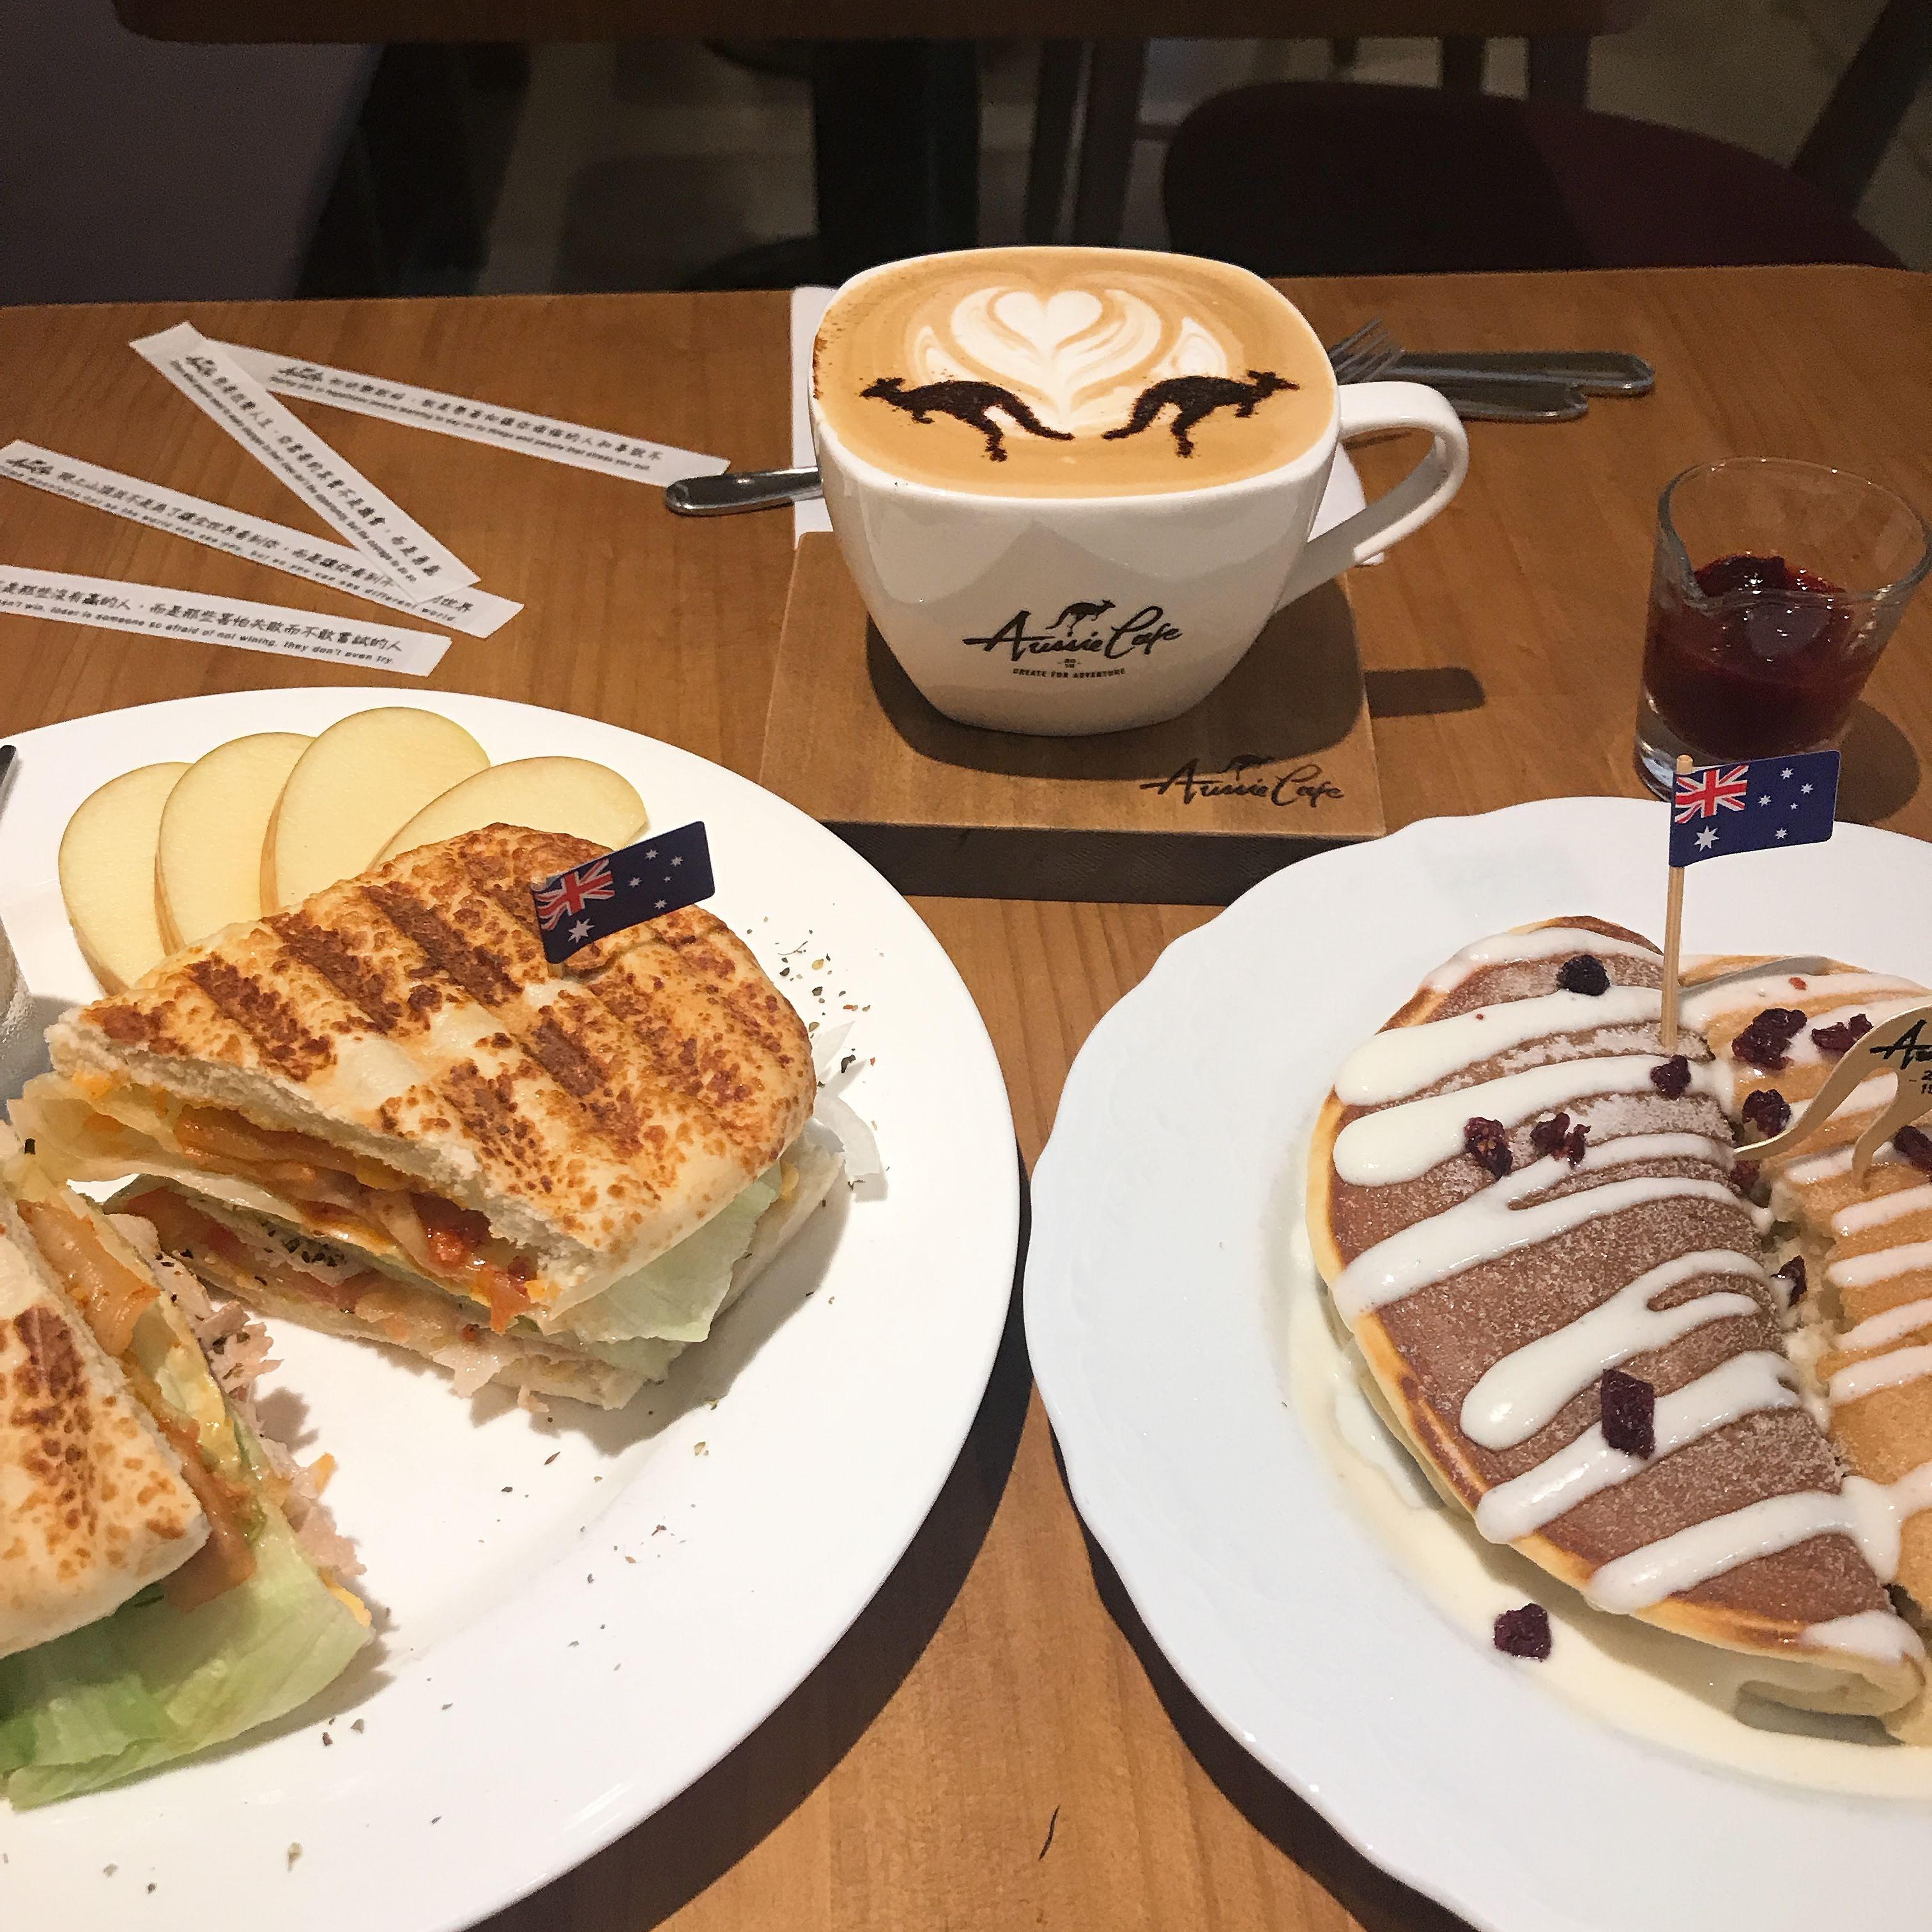 【臺北中山區 咖啡館】Aussie Cafe 澳氏咖啡::早午餐/煎餅/咖啡 (中山國小捷運站 2號出口) – Vanessa Soul